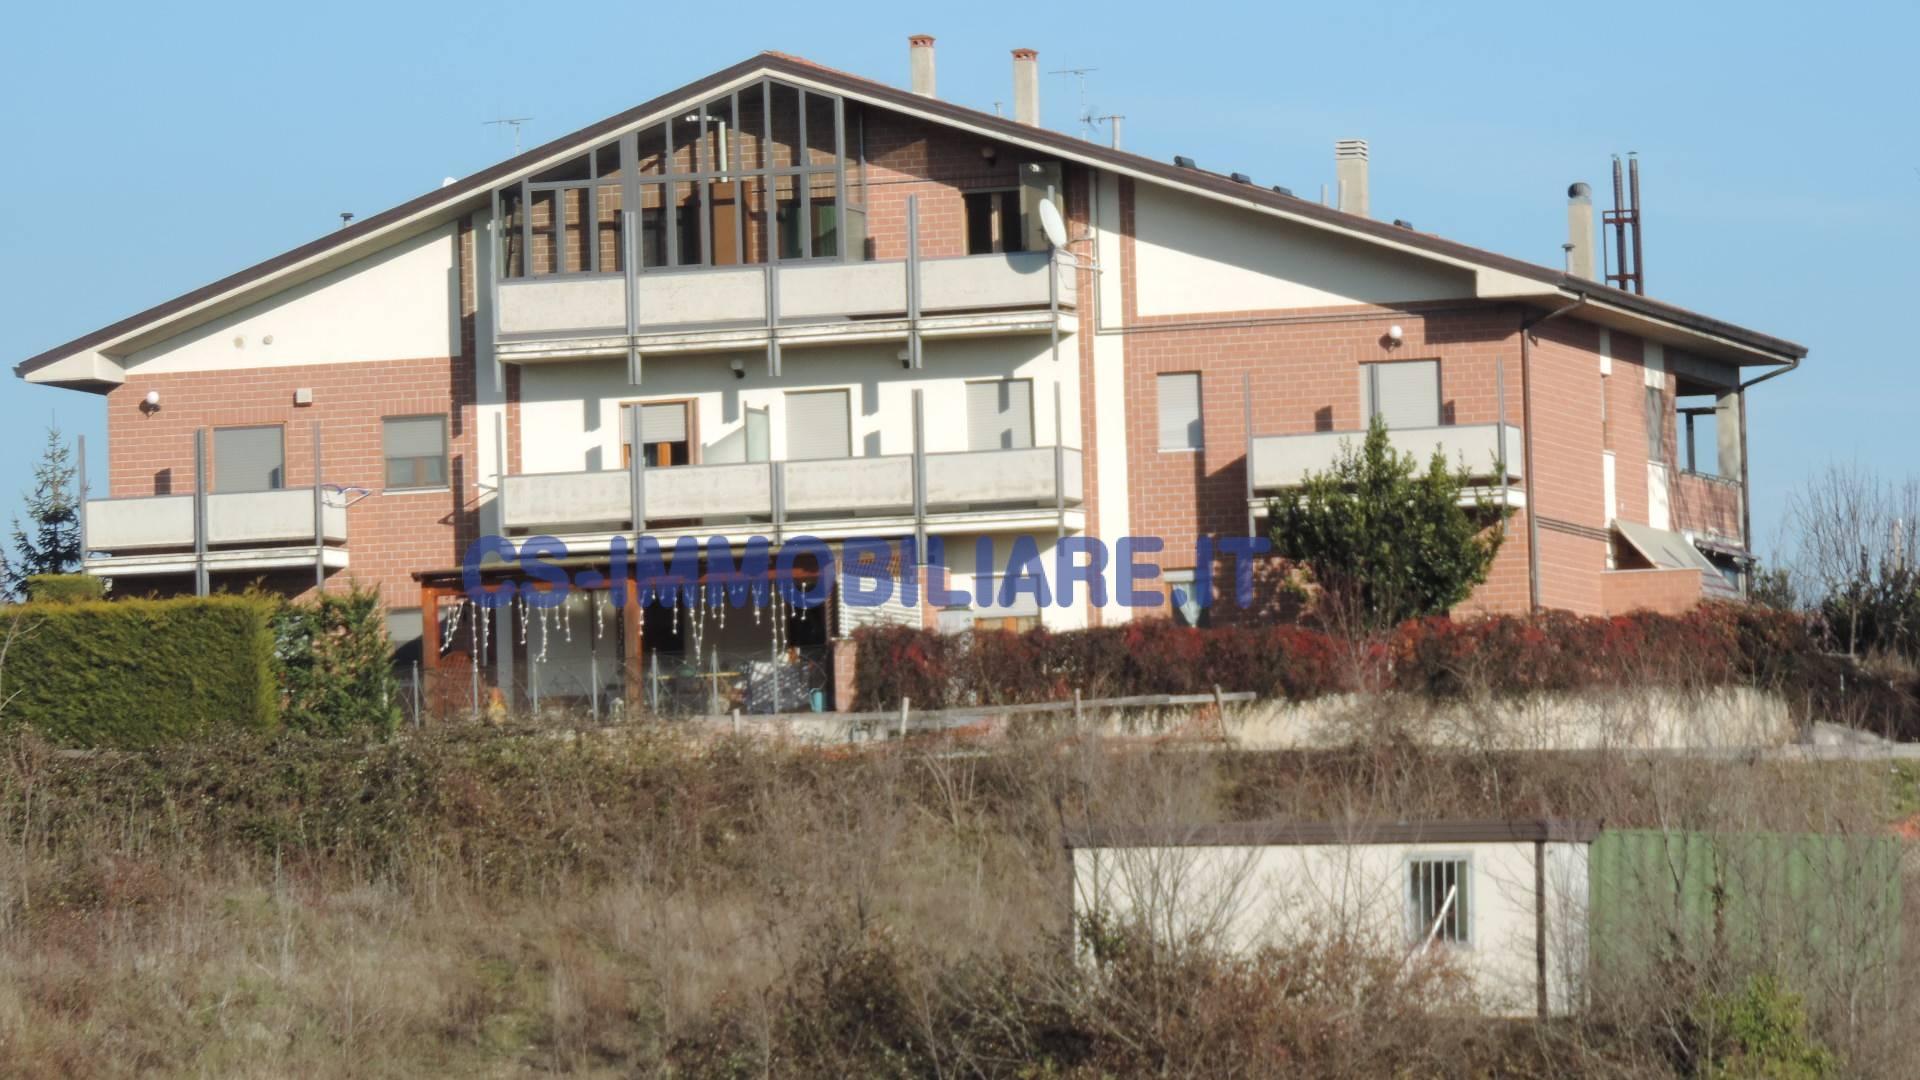 Appartamento in vendita a Potenza, 3 locali, zona Località: MacchiaRomanaEdiliziaPrivata, prezzo € 100.000 | Cambio Casa.it